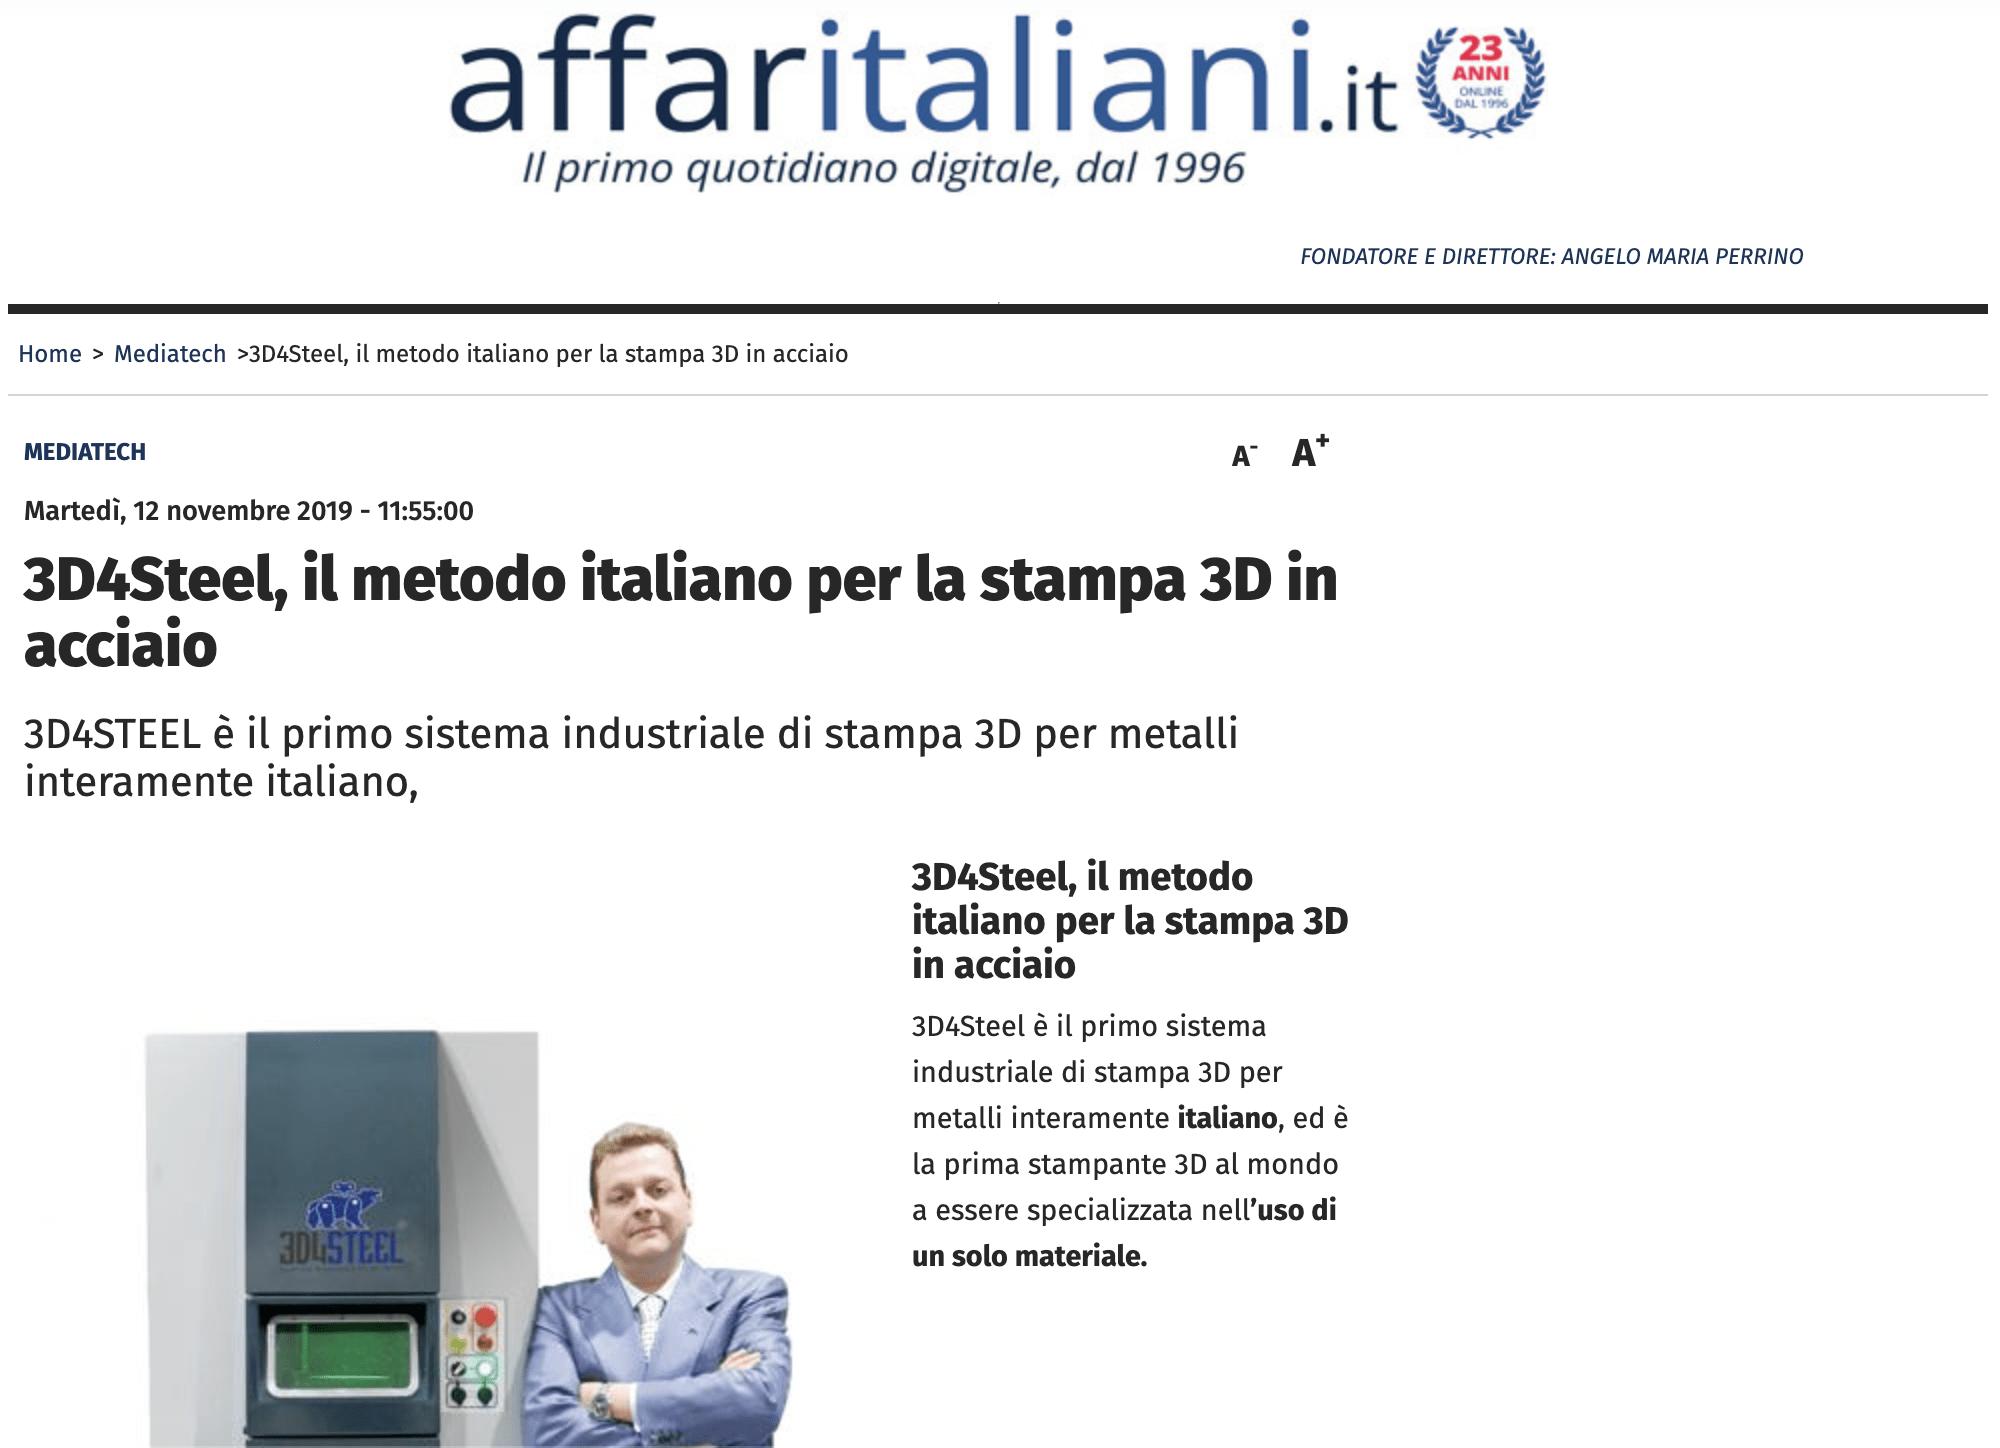 [Affari Italiani] 3D4Steel e il metodo italiano per la stampa 3D in acciaio